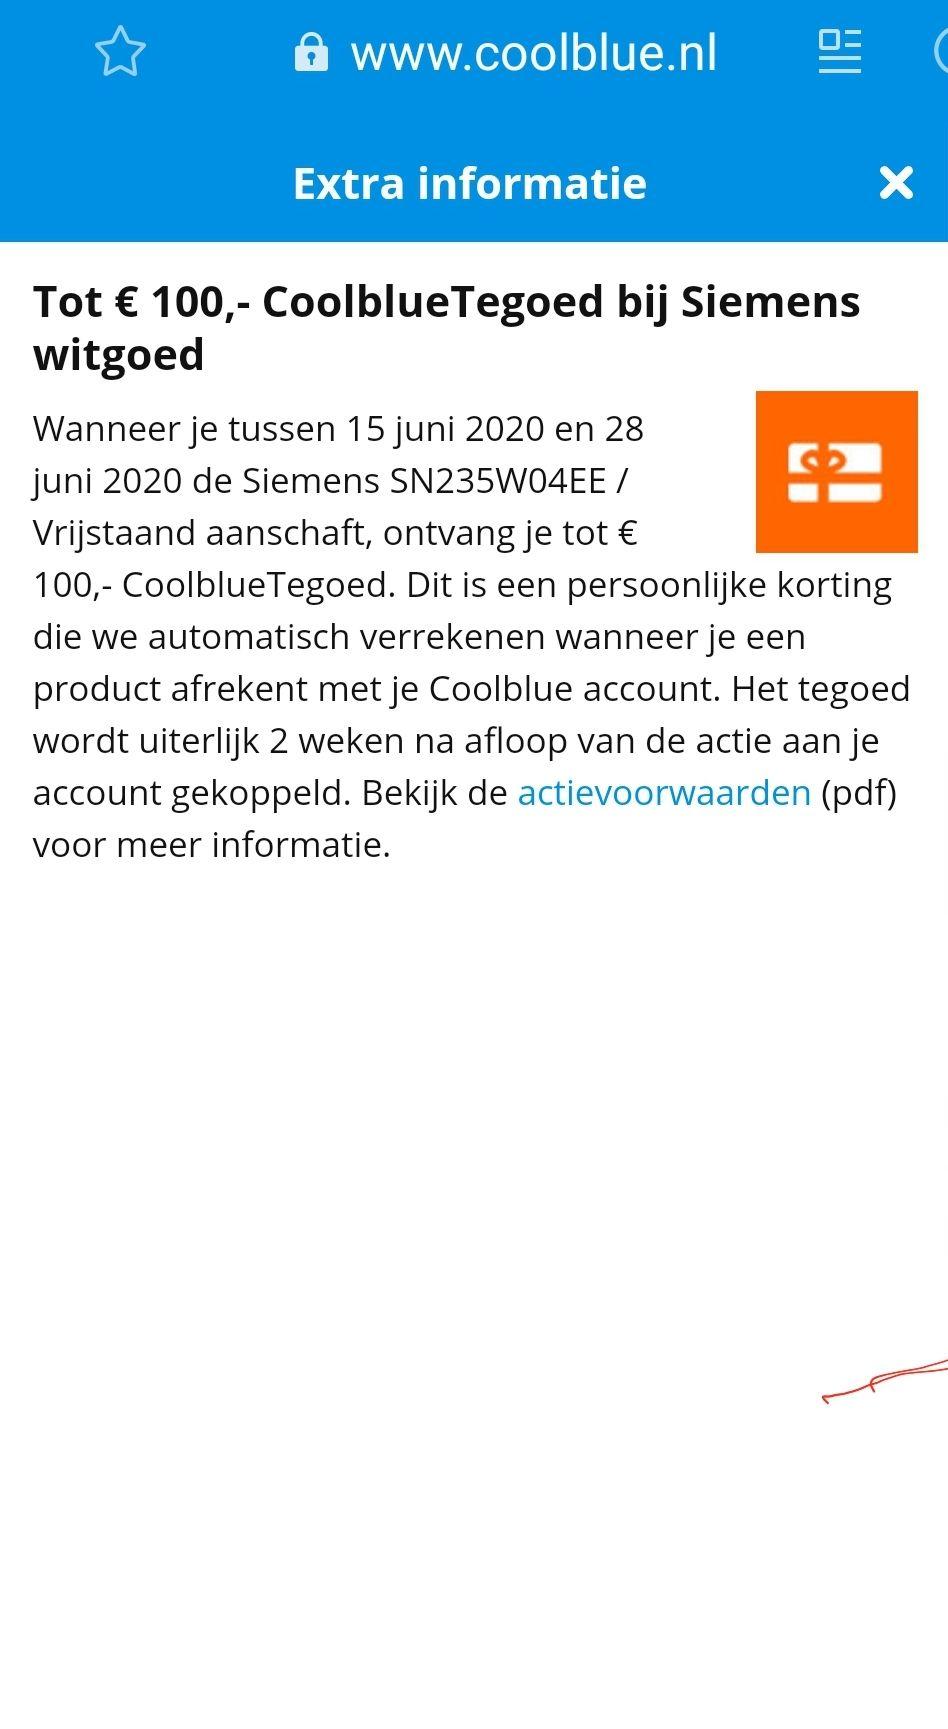 Tot € 100,- CoolblueTegoed bij Siemens witgoed